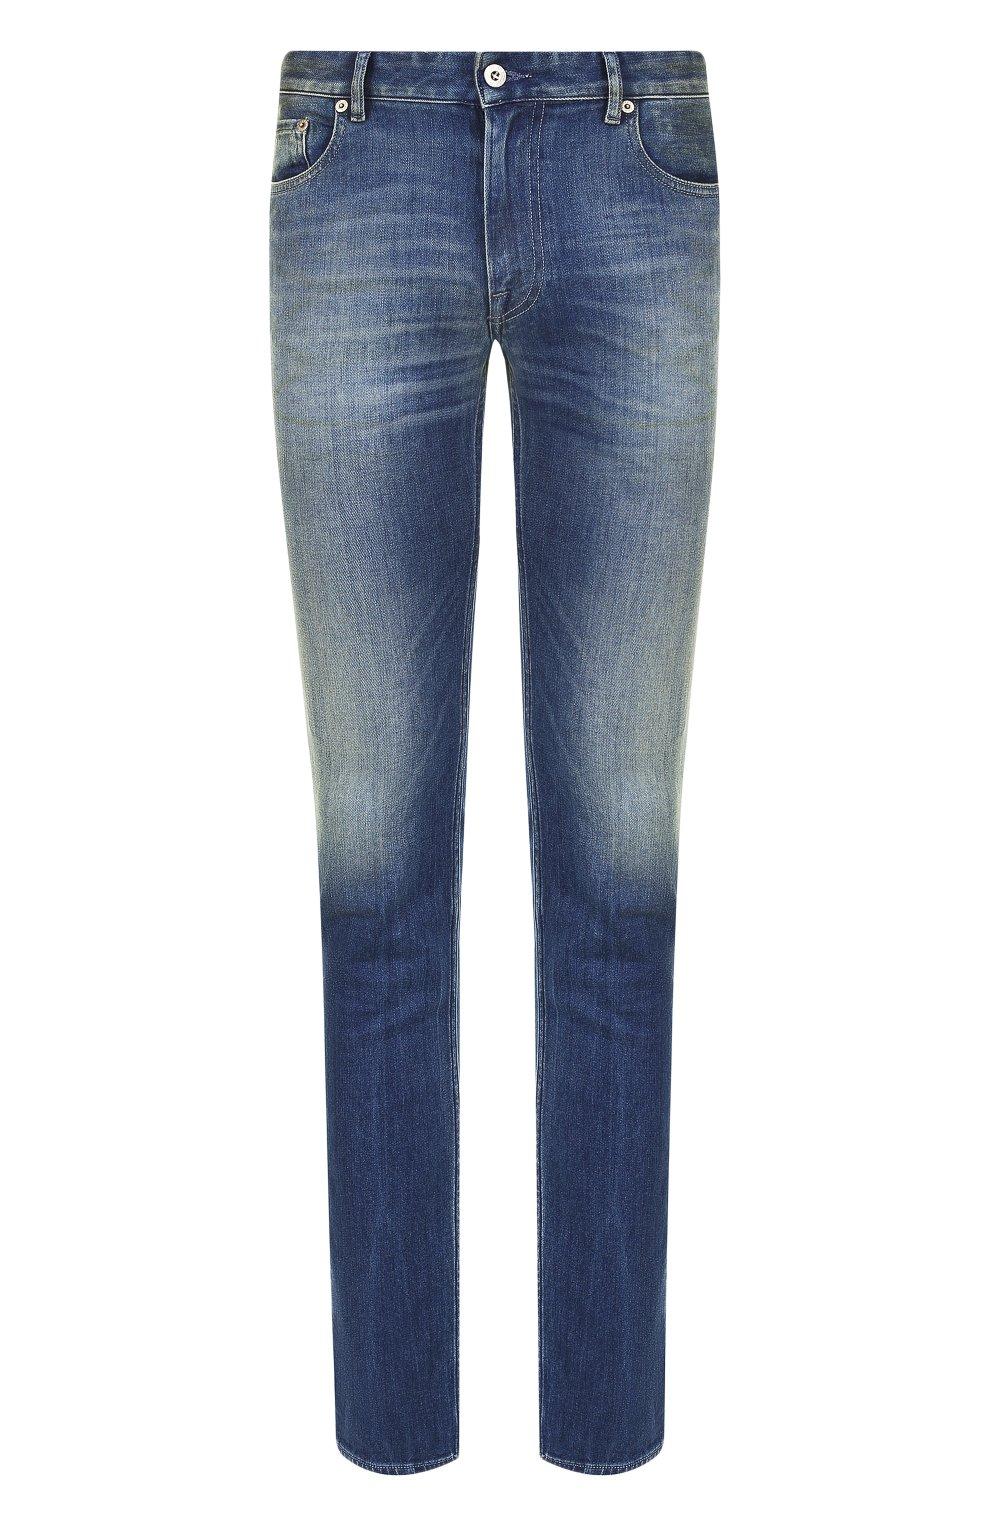 Мужские джинсы прямого кроя с потертостями STONE ISLAND синего цвета, арт. 6815J2ZN4 | Фото 1